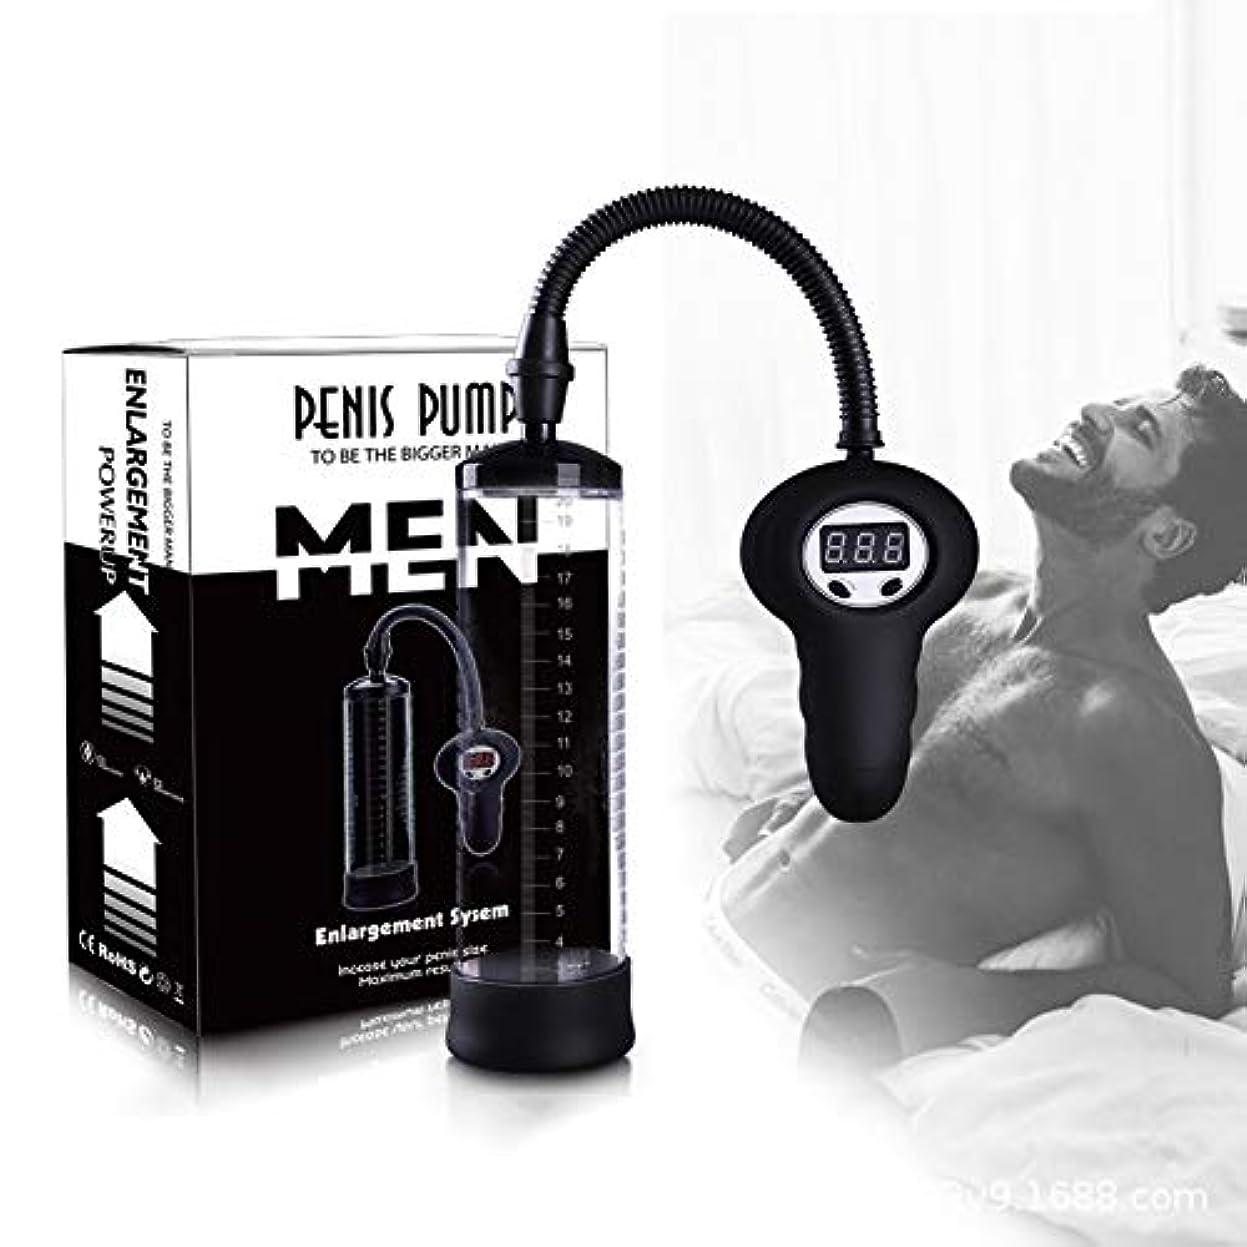 り硫黄音楽家KGJJHYBGTOY 男性のためのPenǐle真空ポンプ空気圧装置エンハンサー RELAX MASSAGE BODY